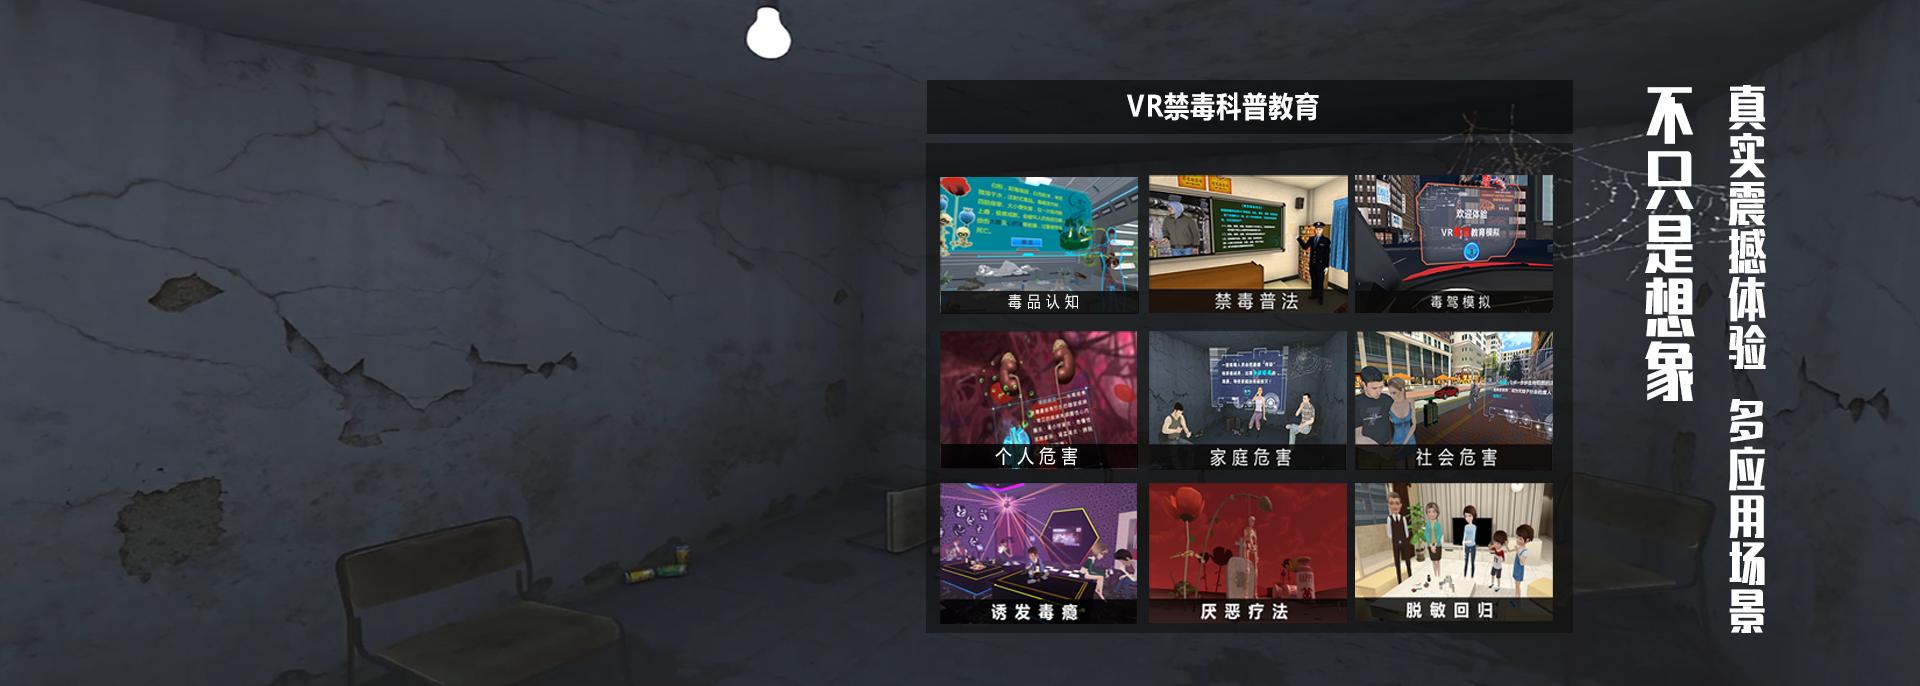 VR禁毒普法